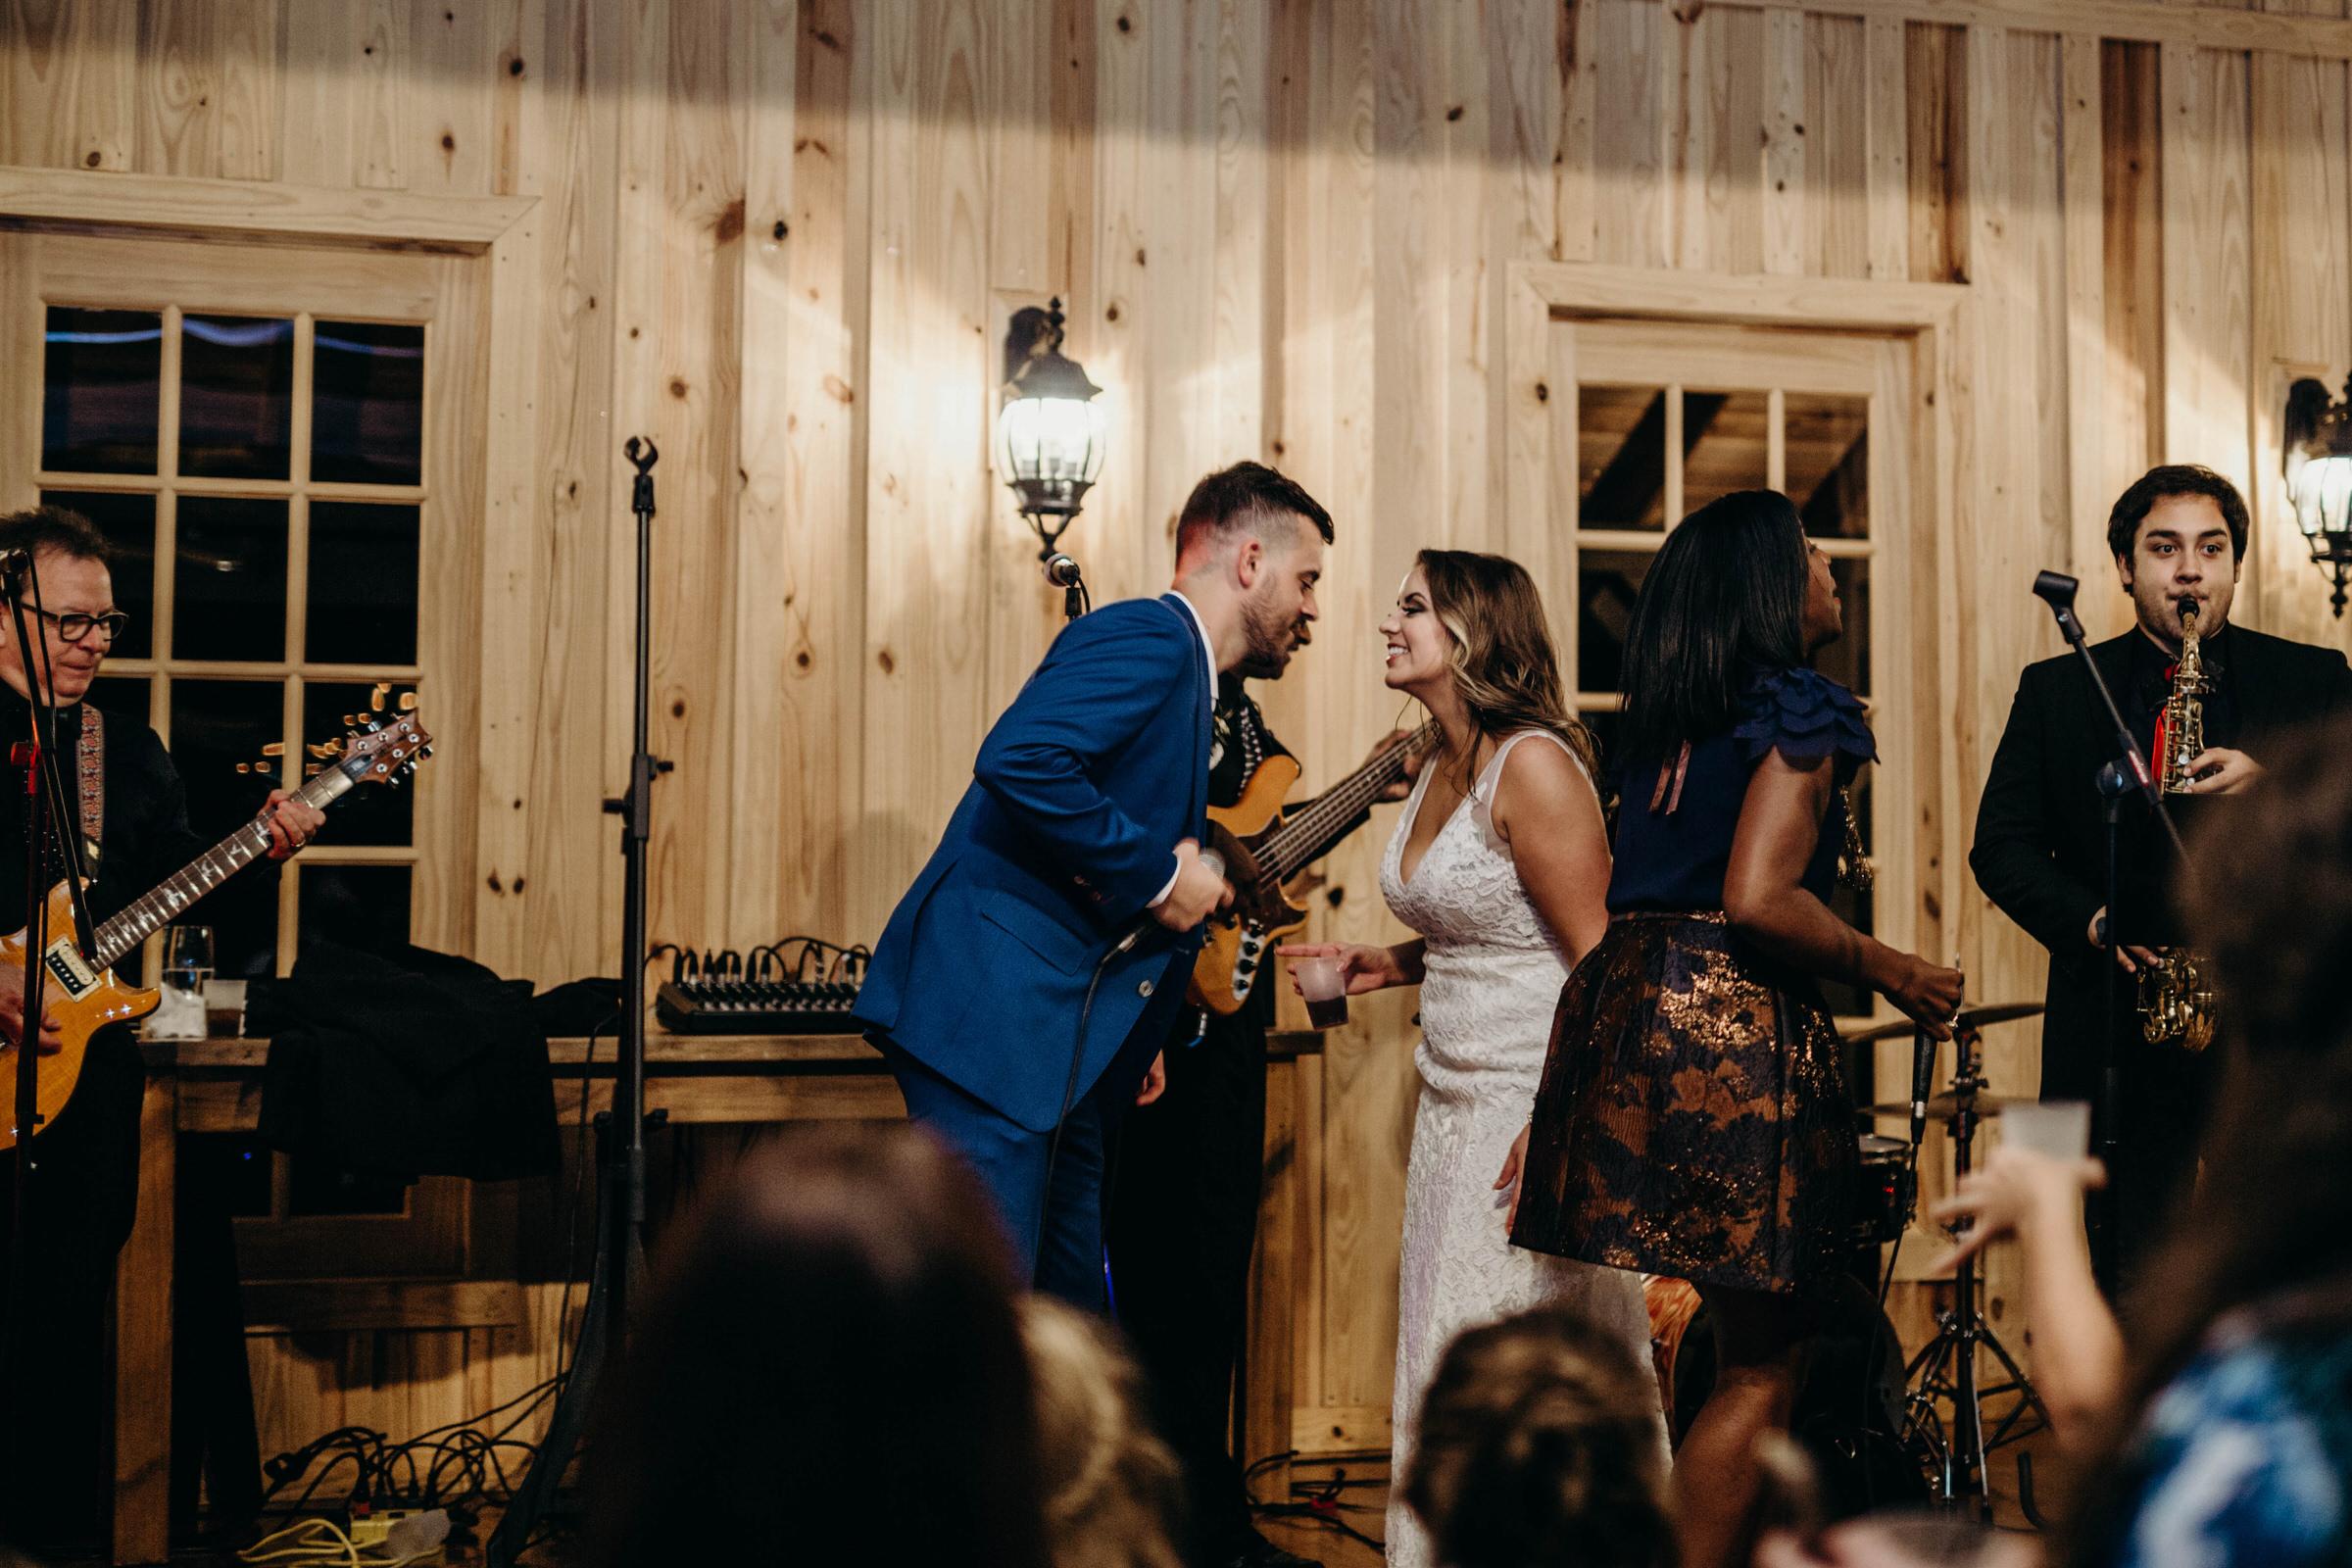 dietzen_aubrey-texas-the-springs-wedding_040-1.jpg